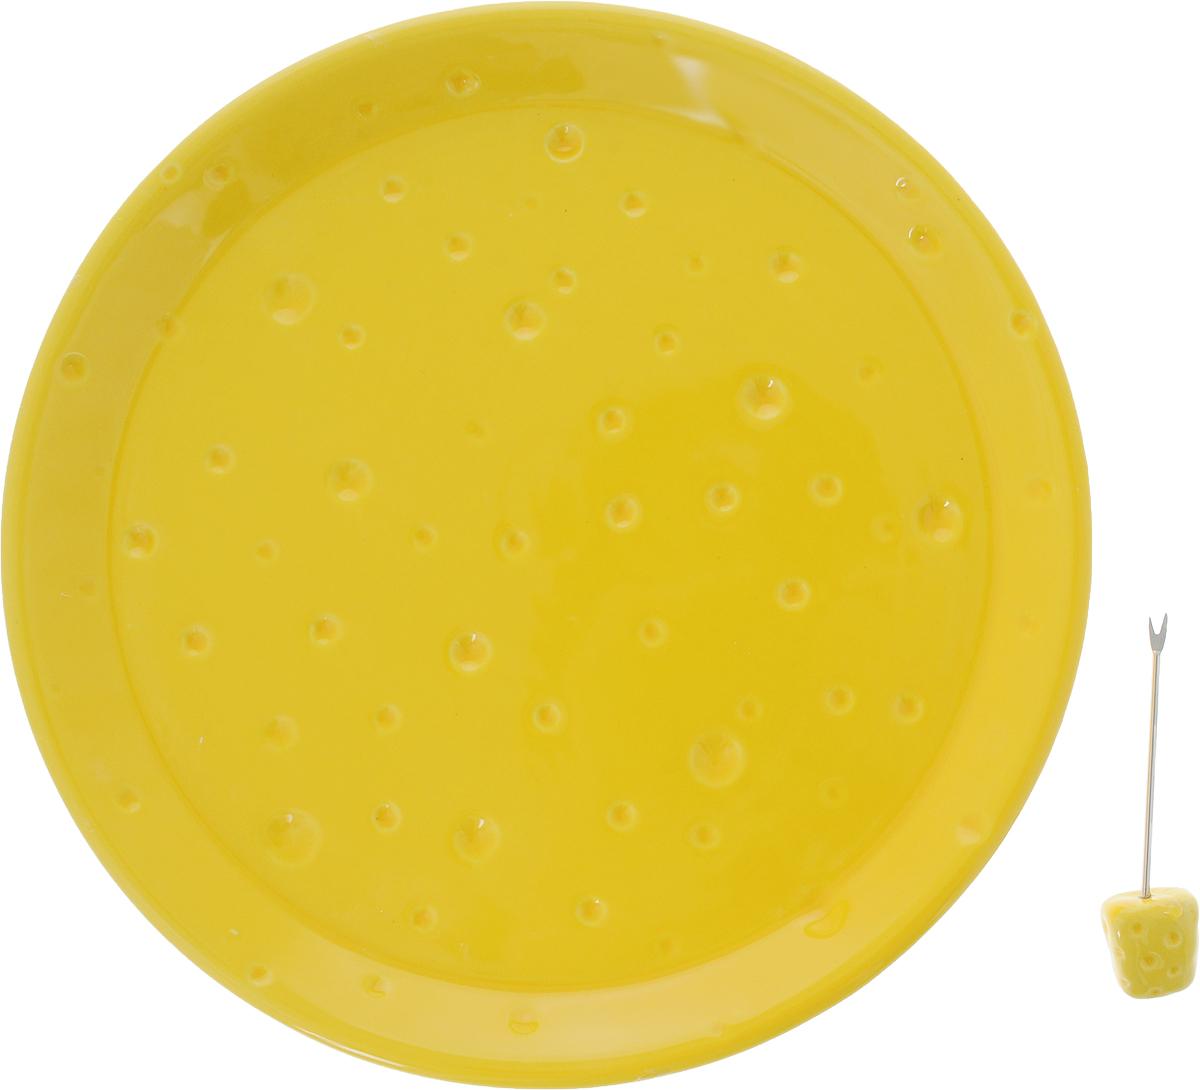 Тарелка для сыра Elan Gallery, с вилкой, диаметр 24 см блюдо для сыра elan gallery сыр 24 см